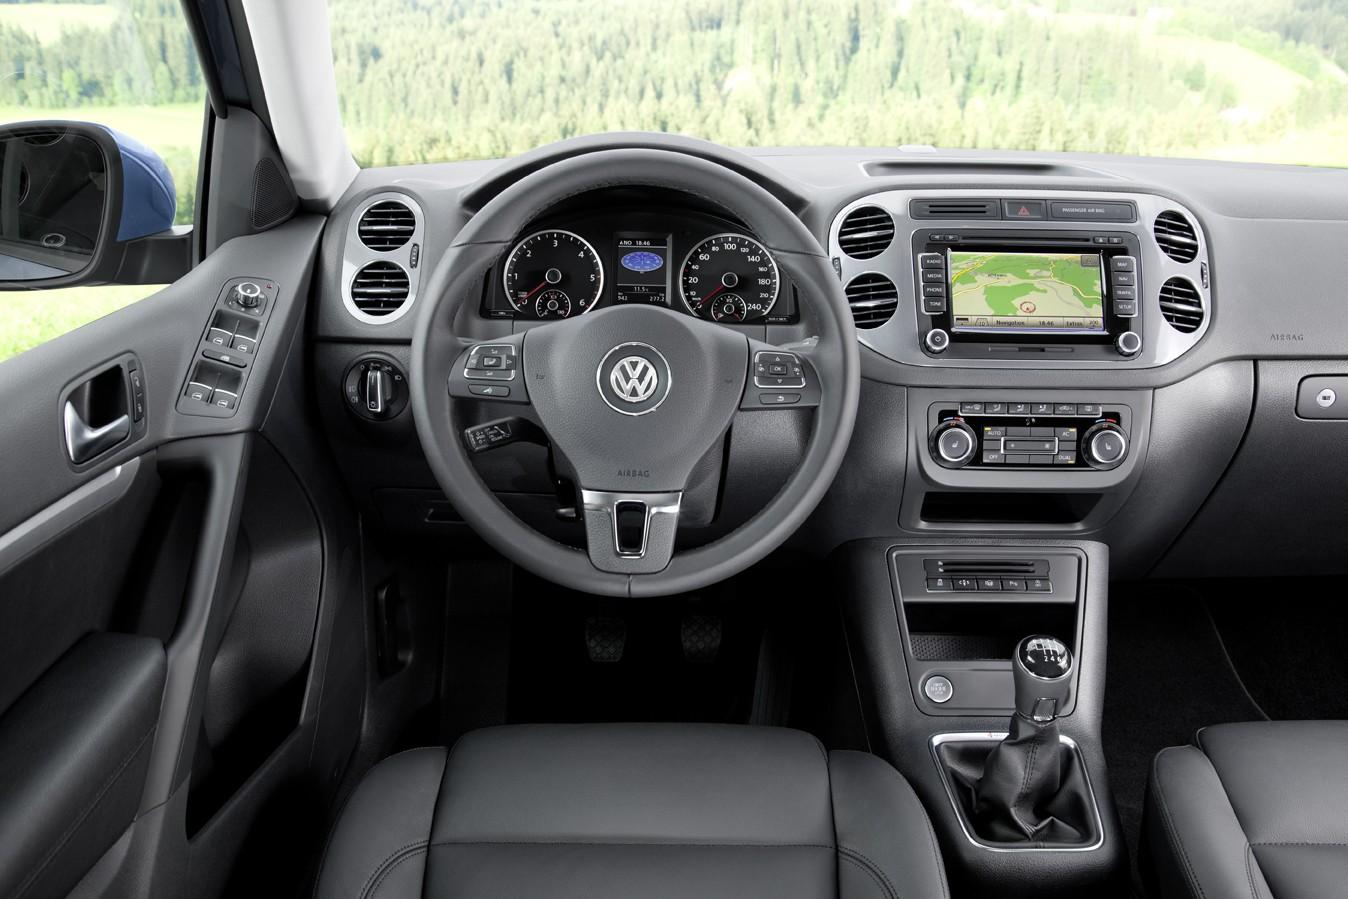 volkswagen tiguan 2013 comodidad estilo y refinamiento lista de carros. Black Bedroom Furniture Sets. Home Design Ideas